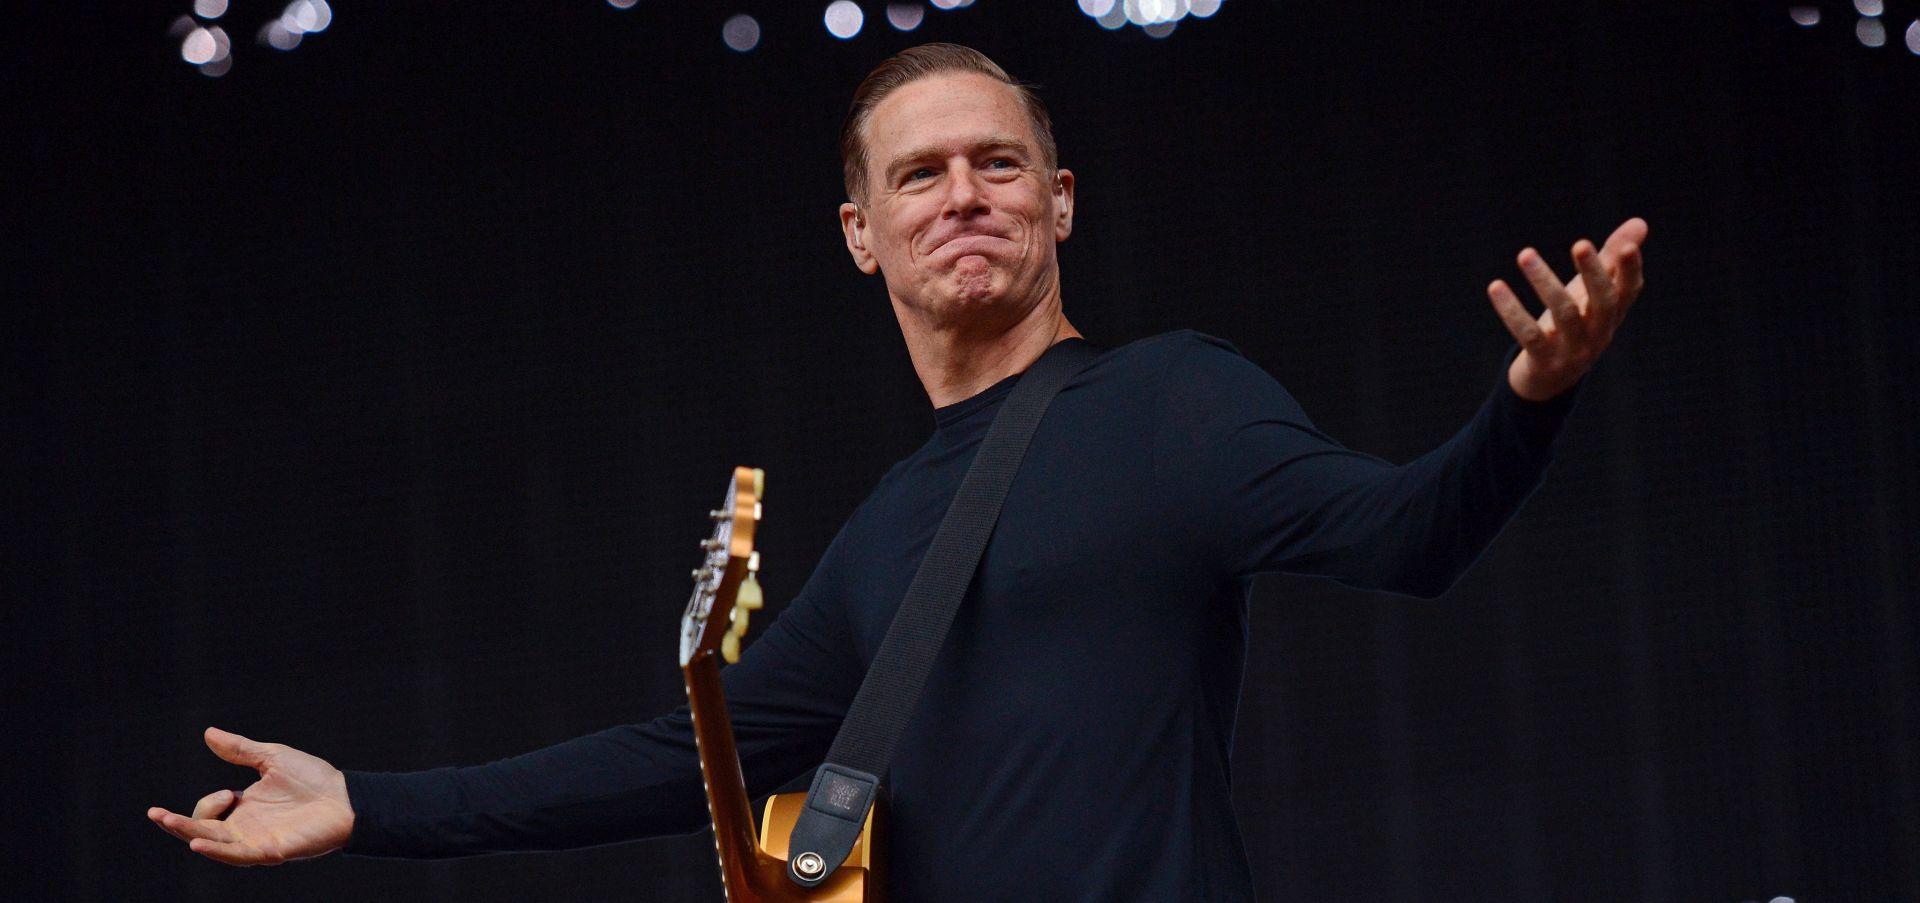 Kanadski roker Bryan Adams otkazao nastup u Mississippiju zbog novog vjerskog zakona